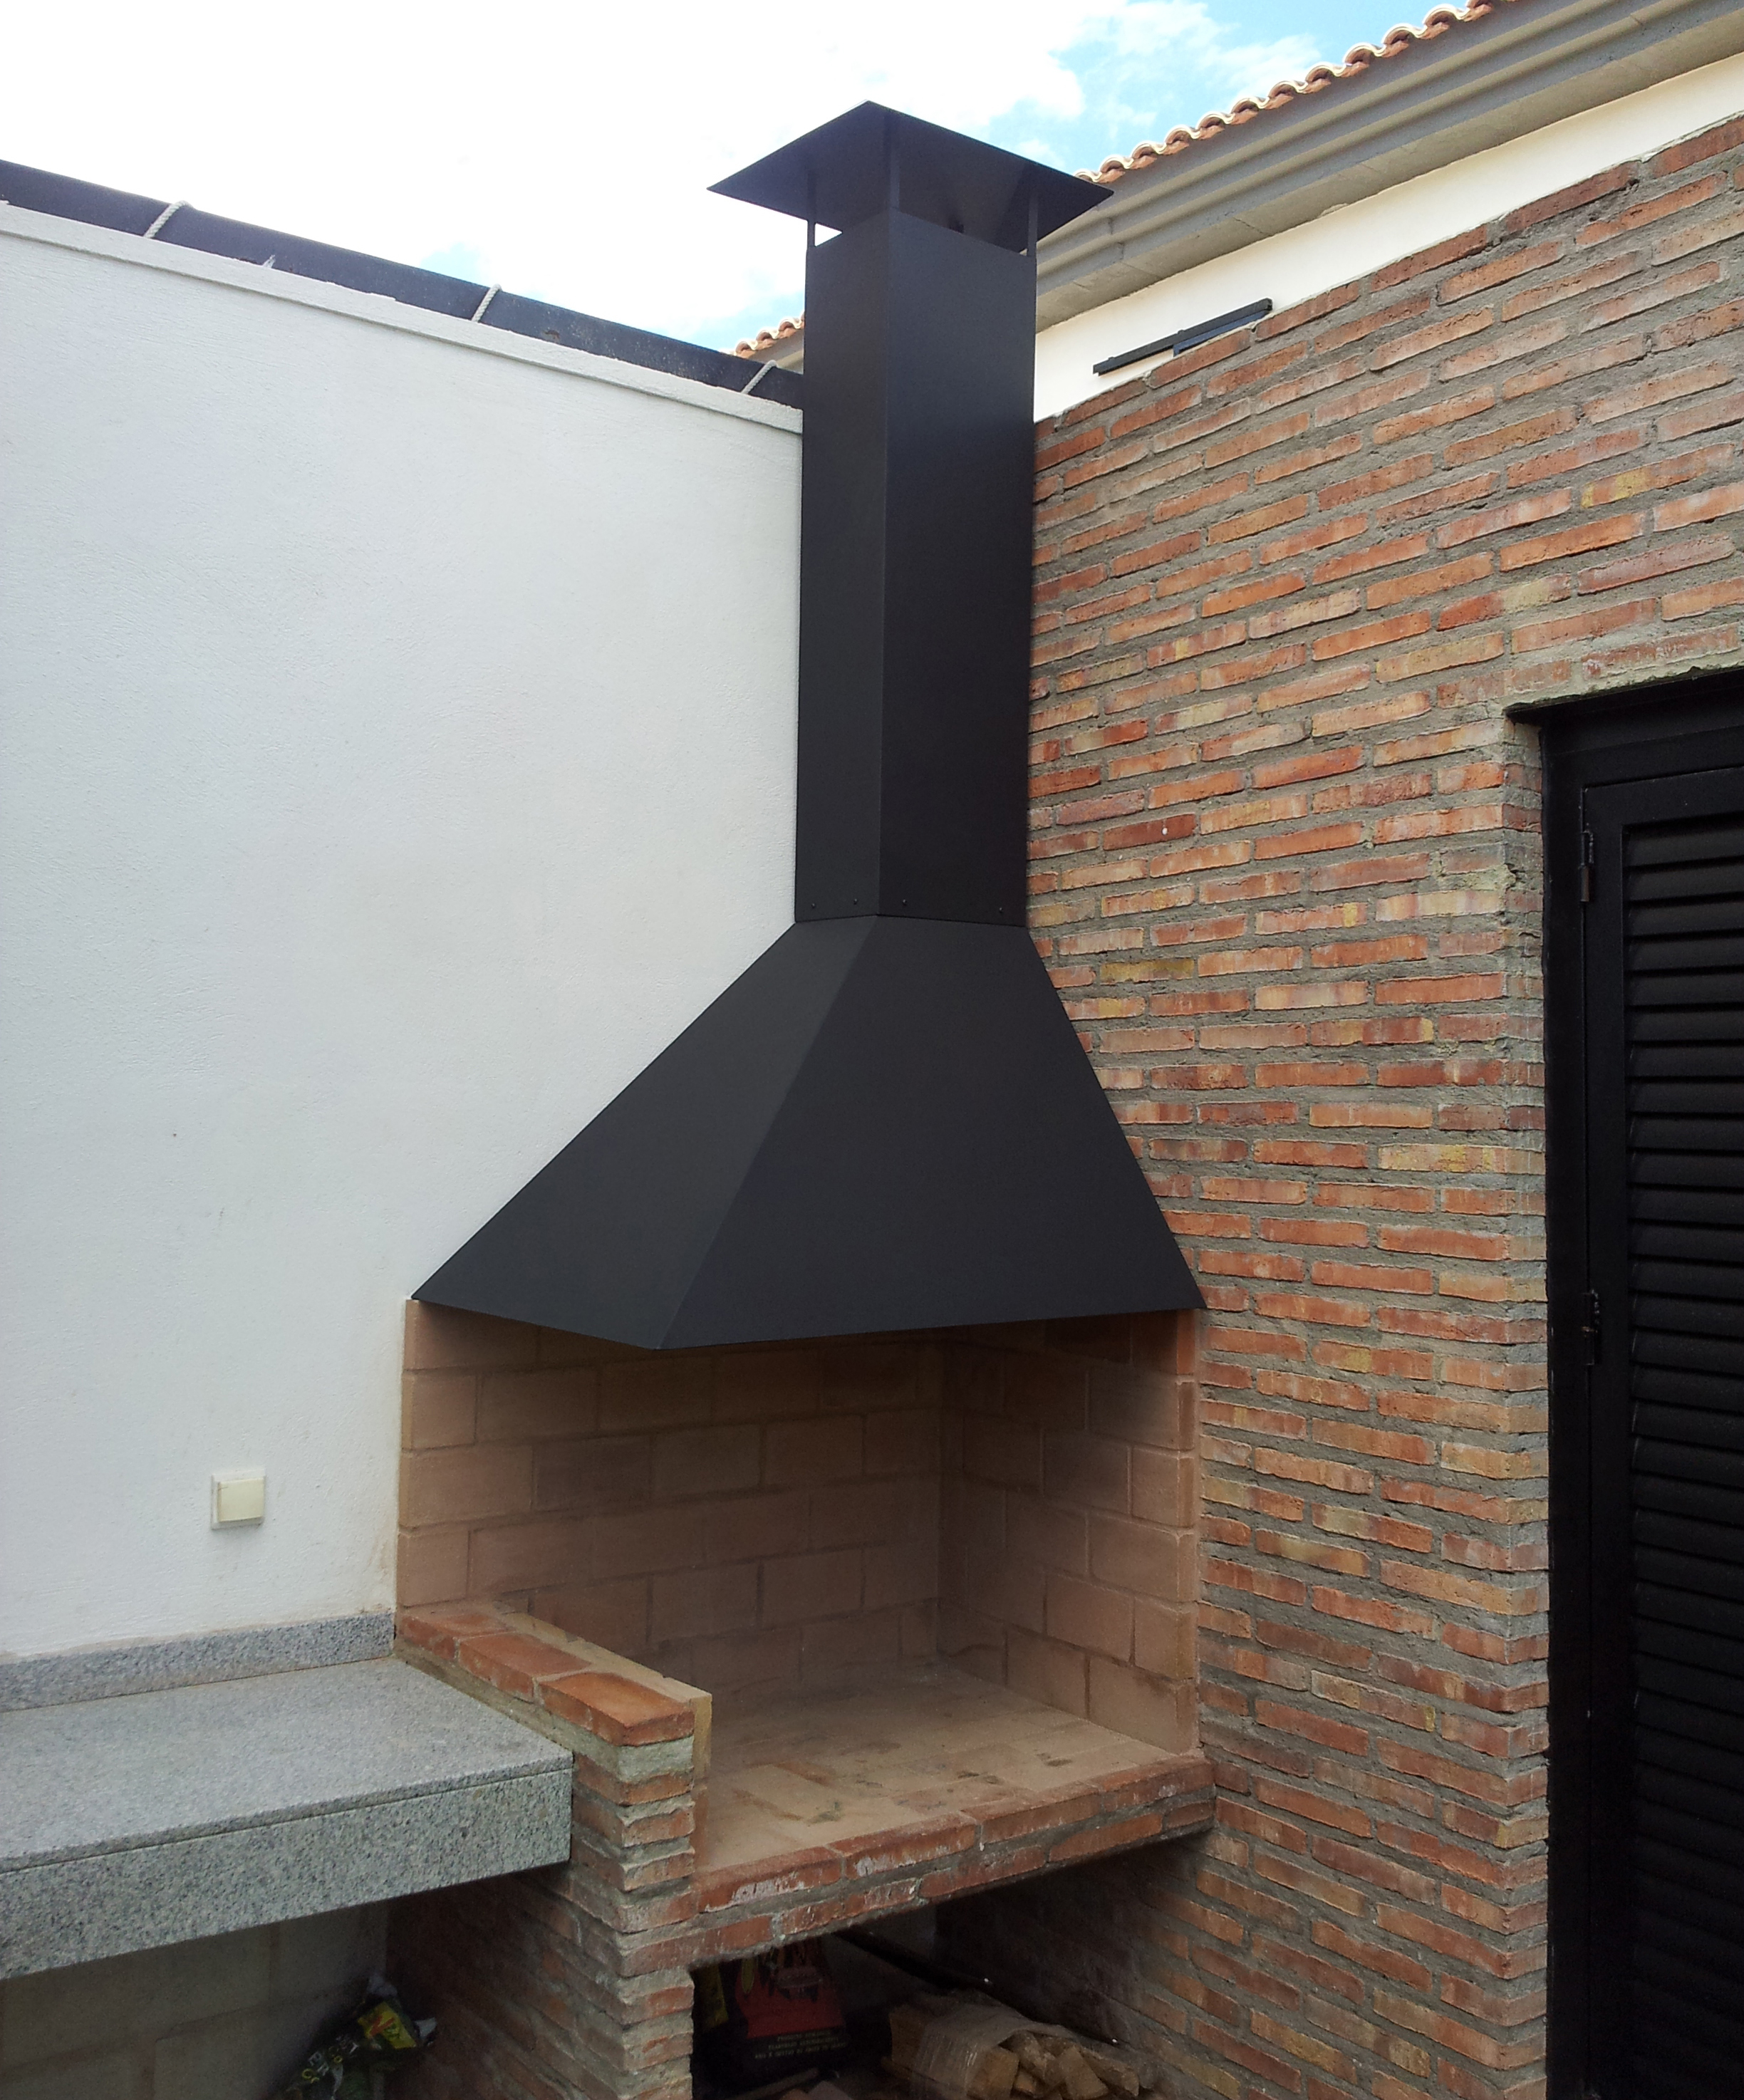 Chimeneas santa eulalia galeria - Chimeneas de bioetanol de diseno ...